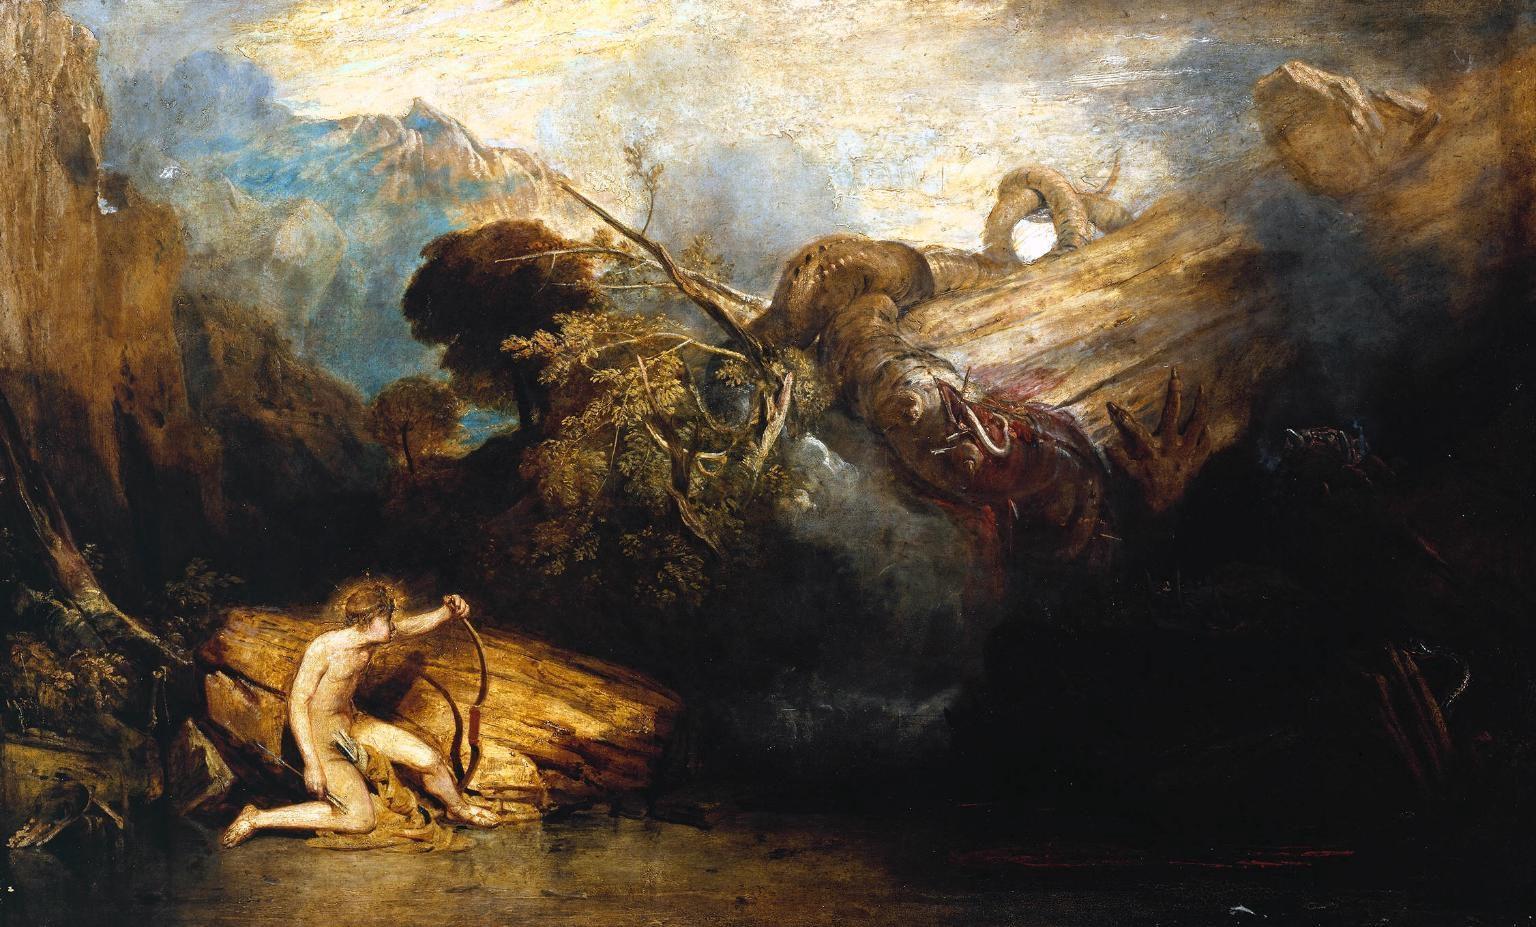 De aspecto hermoso, Apolo tuvo numerosos amoríos con Ninfas y con mortales